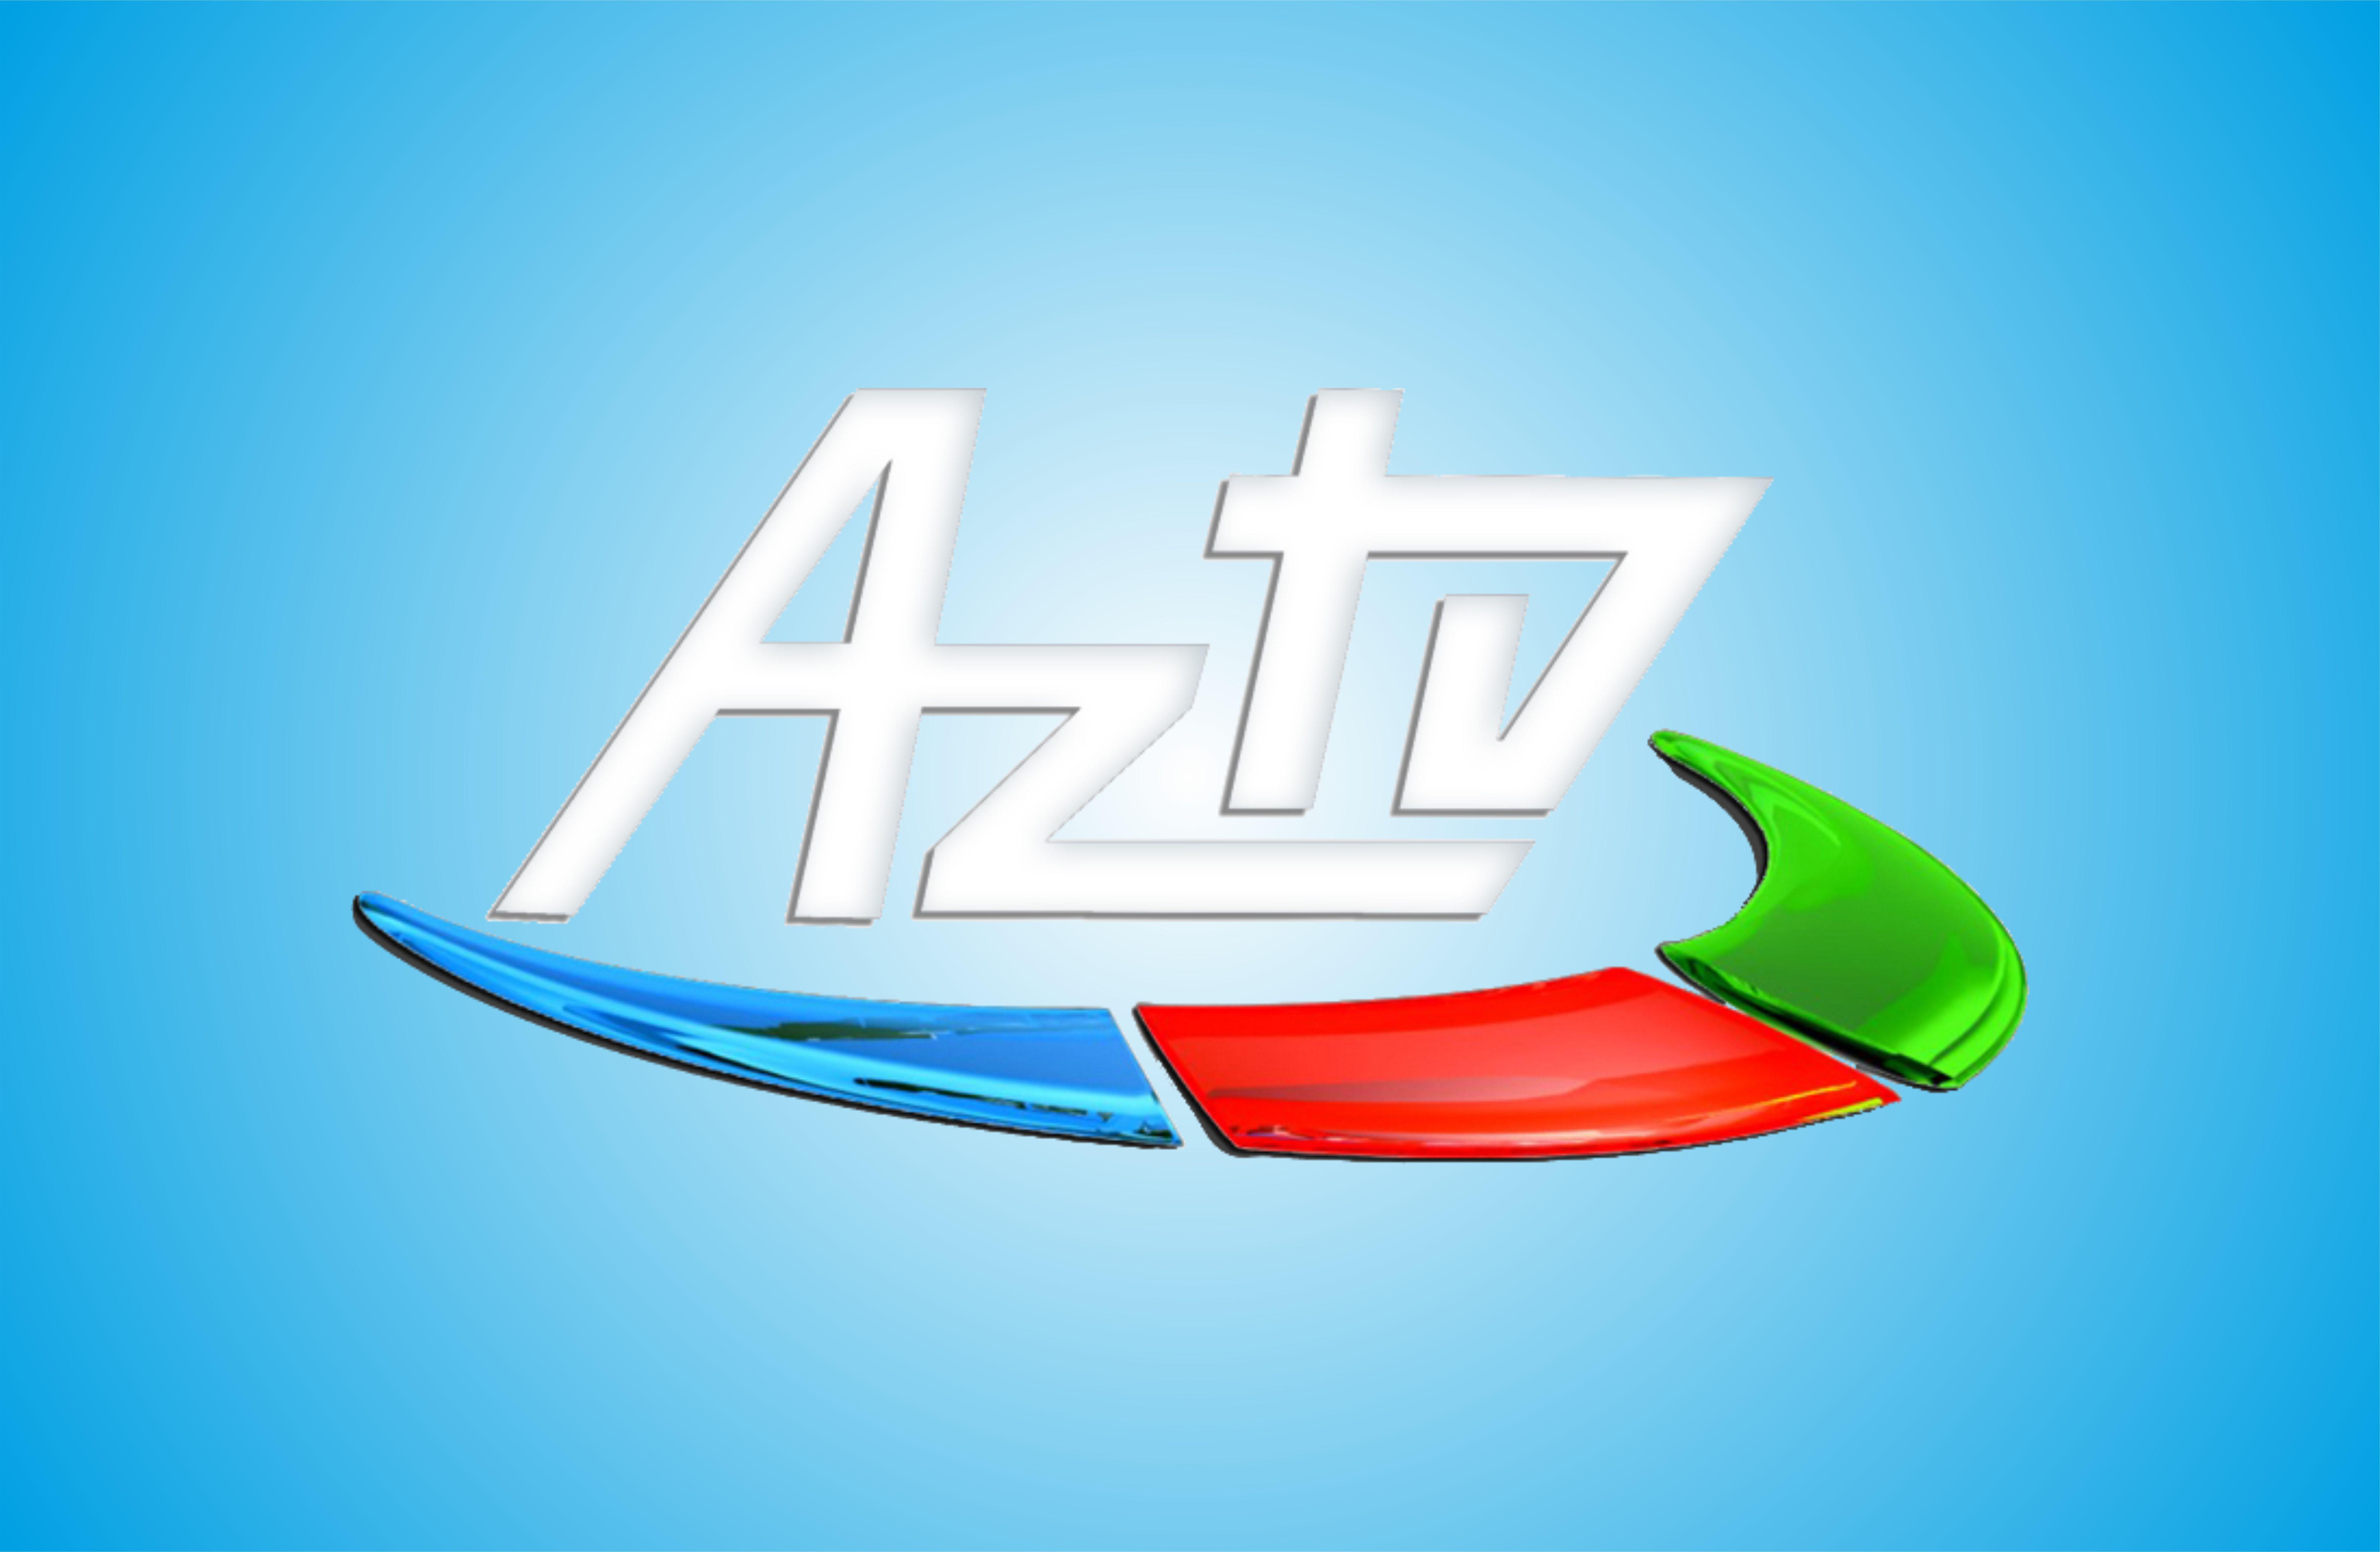 AzTV-də kadr islahatına və audit yoxlamalara başlanıldı - Alışanovun kadrları işdən çıxarılır